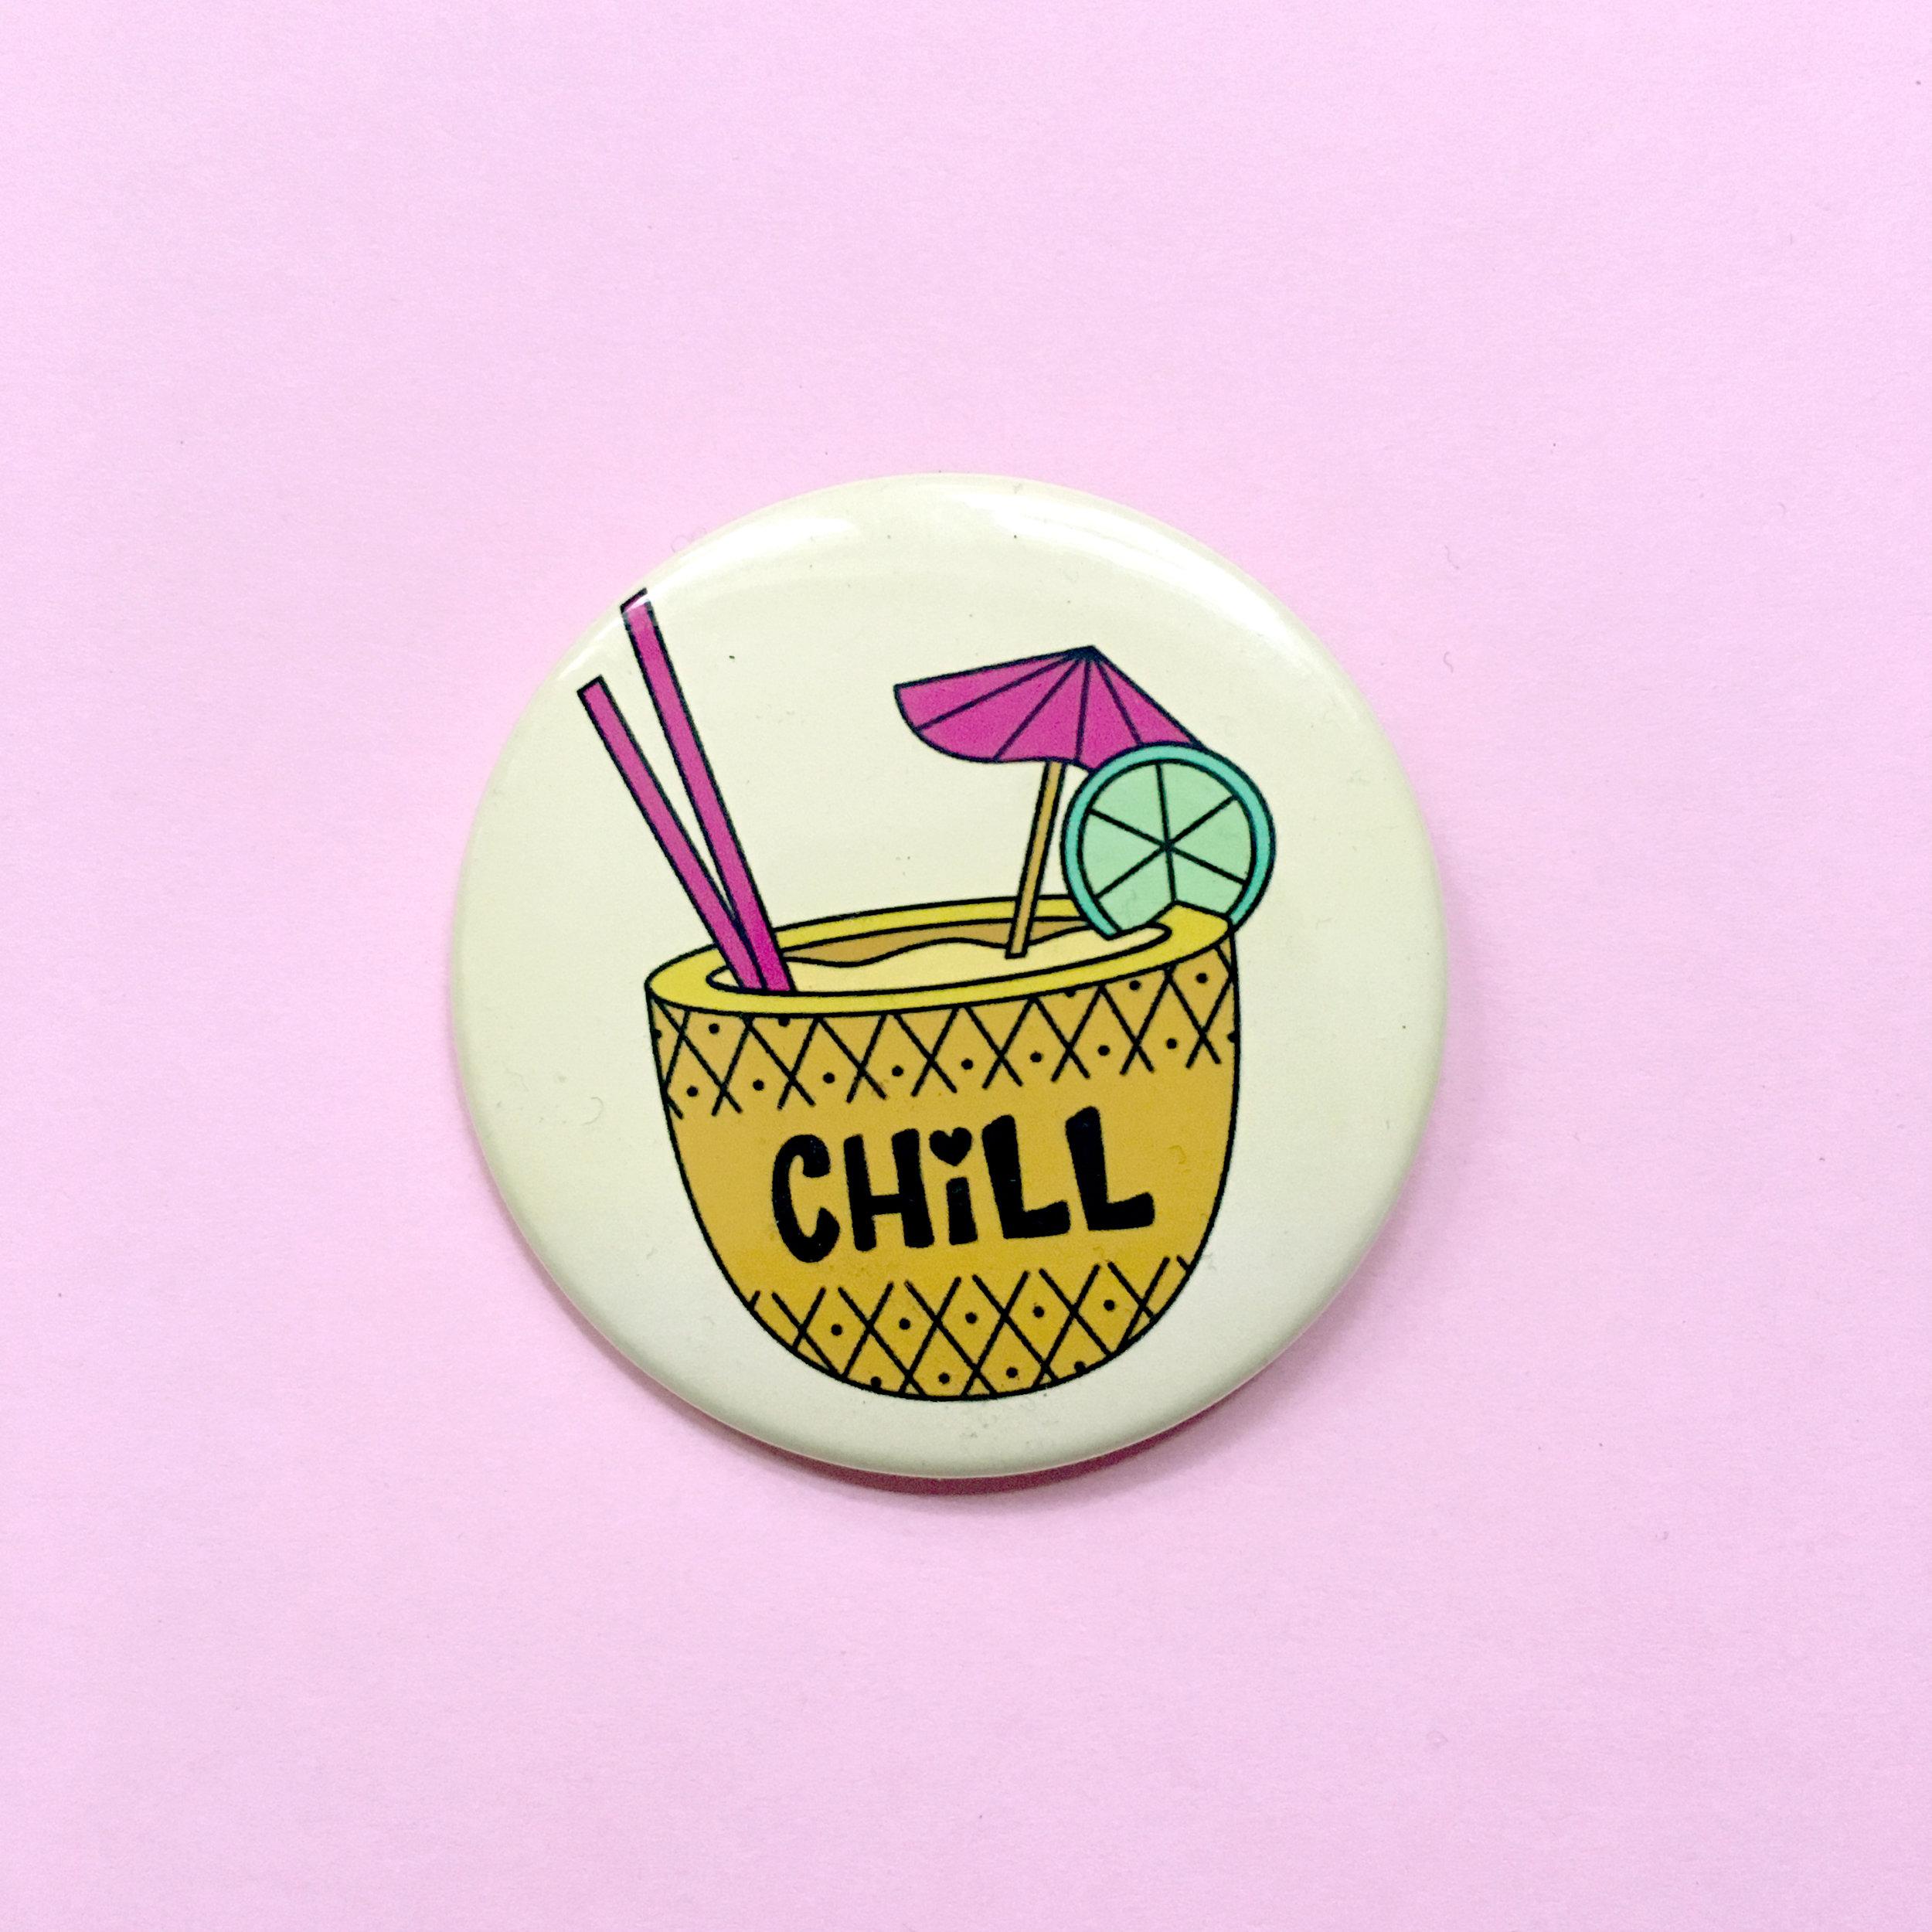 chill+pin.jpg